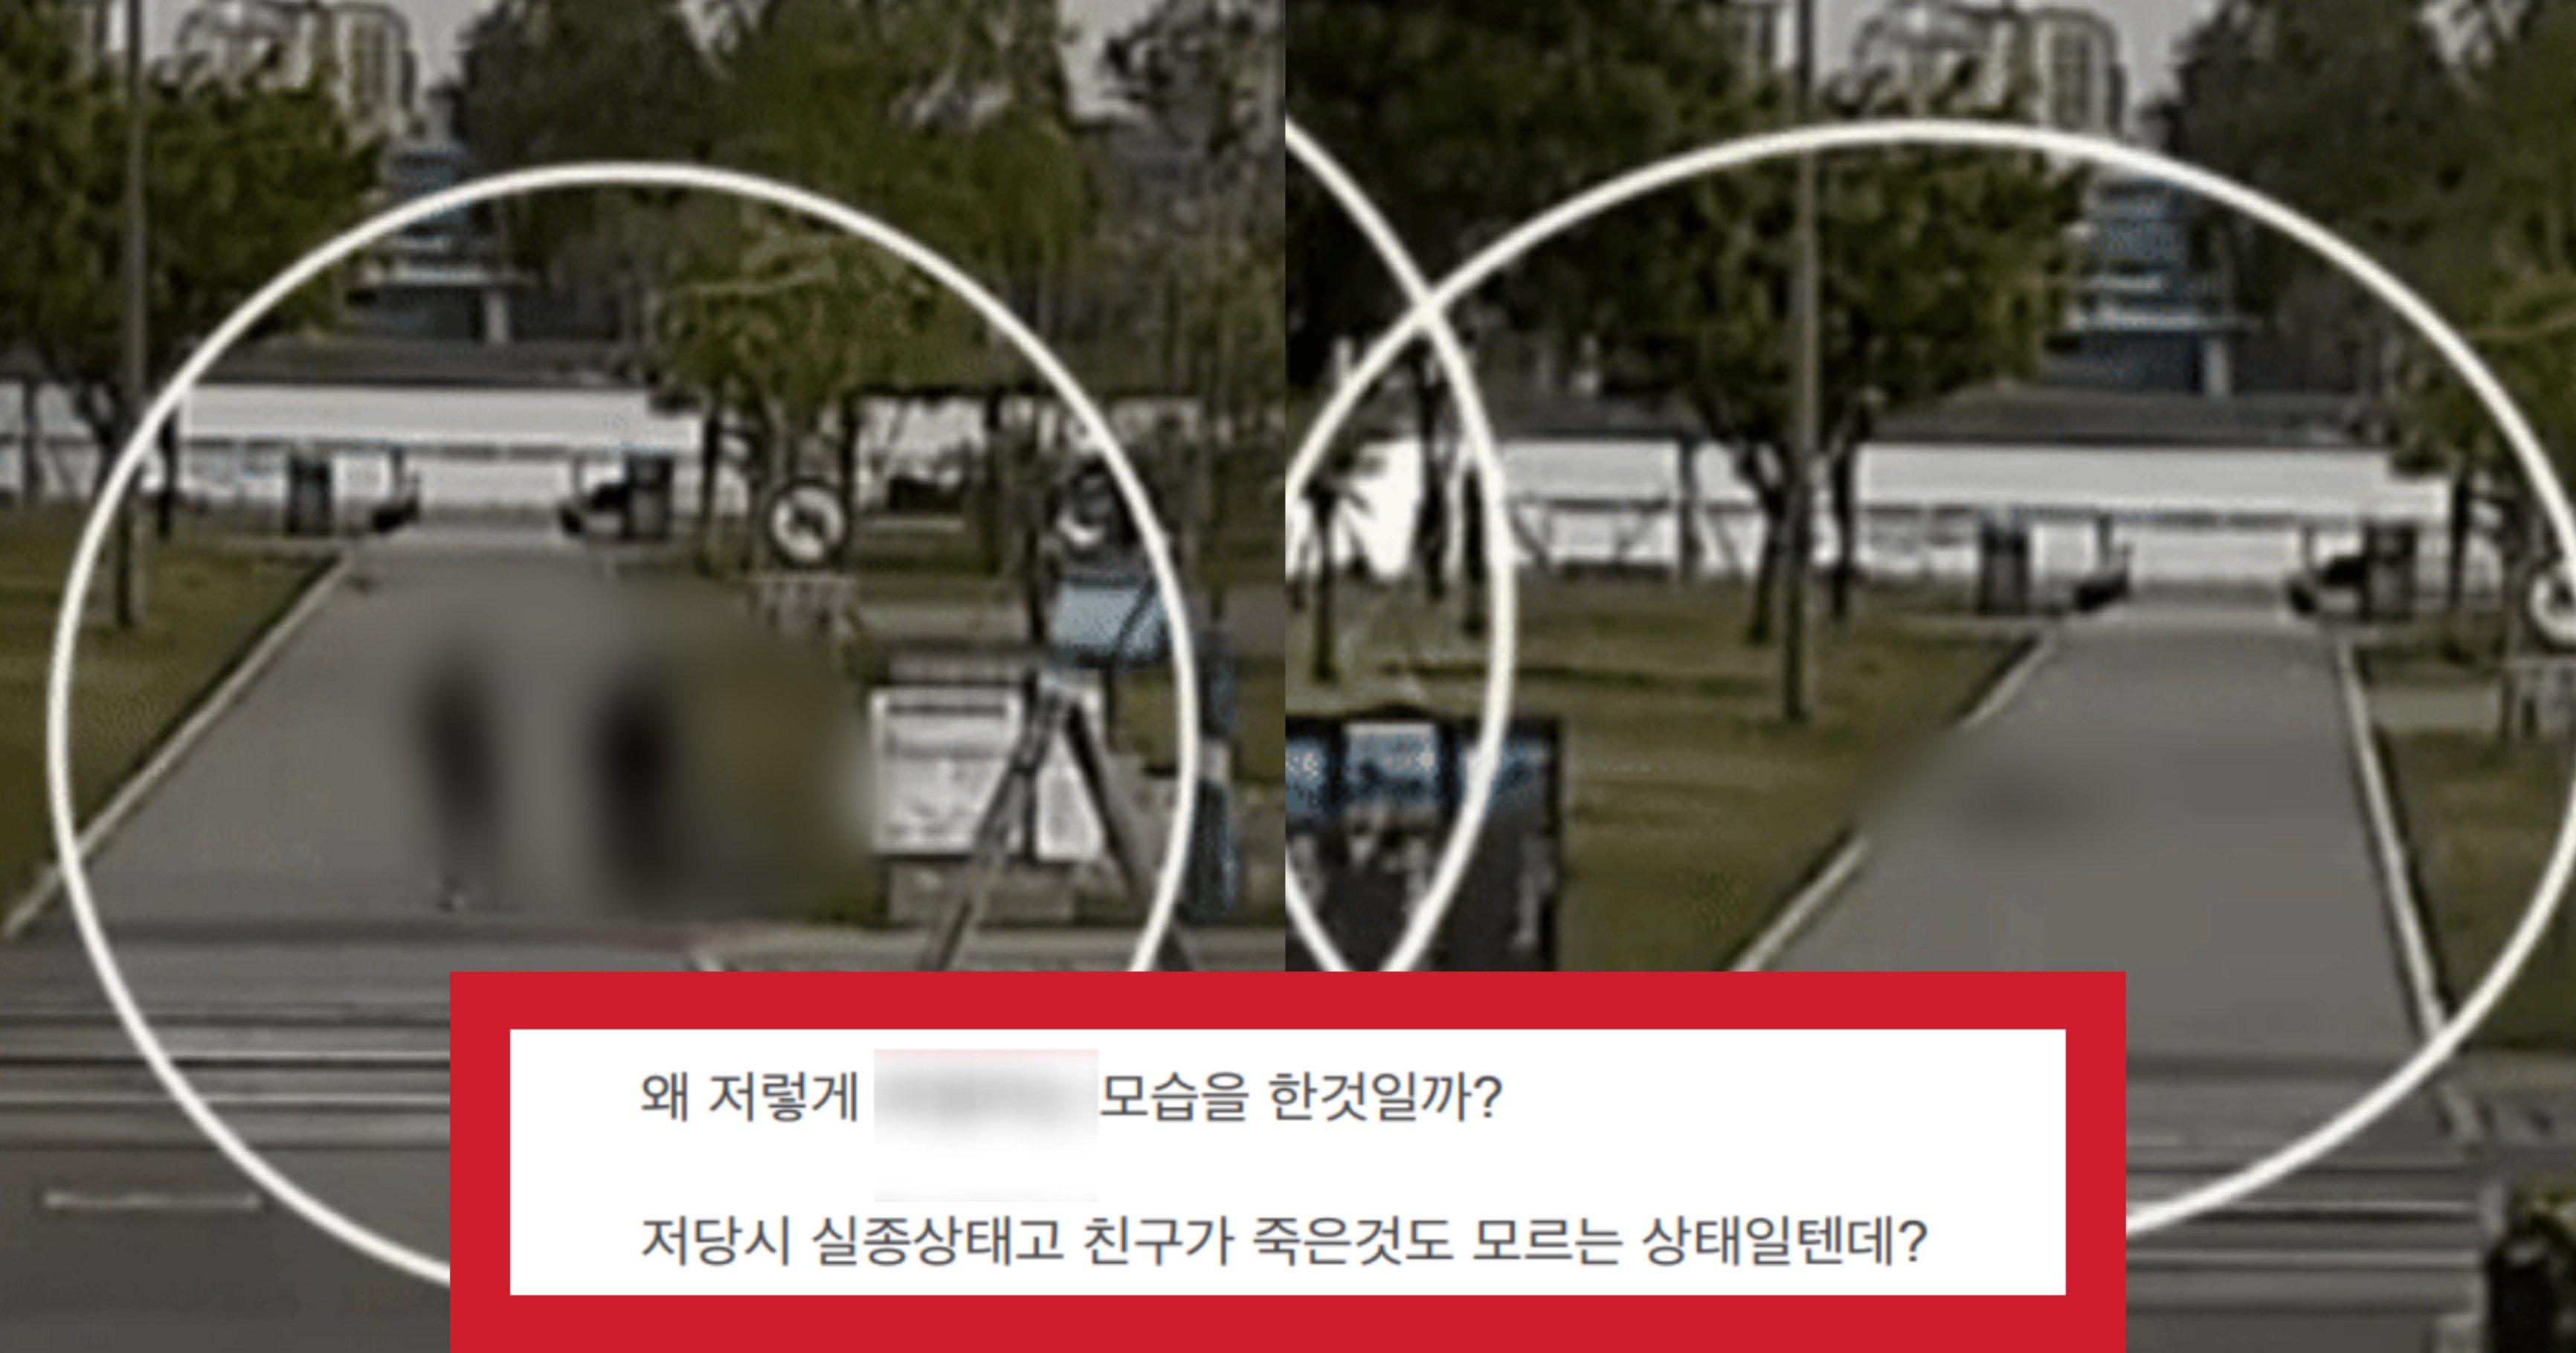 """95e73d06 28a8 4e5d a33e 9dfd5d85c927.jpeg?resize=412,232 - """"왜 이런 행동을 하는 걸까..?"""" 한강 실종 의대생 CCTV 고화질 영상이 공개 되었는데 다소 충격적입니다"""